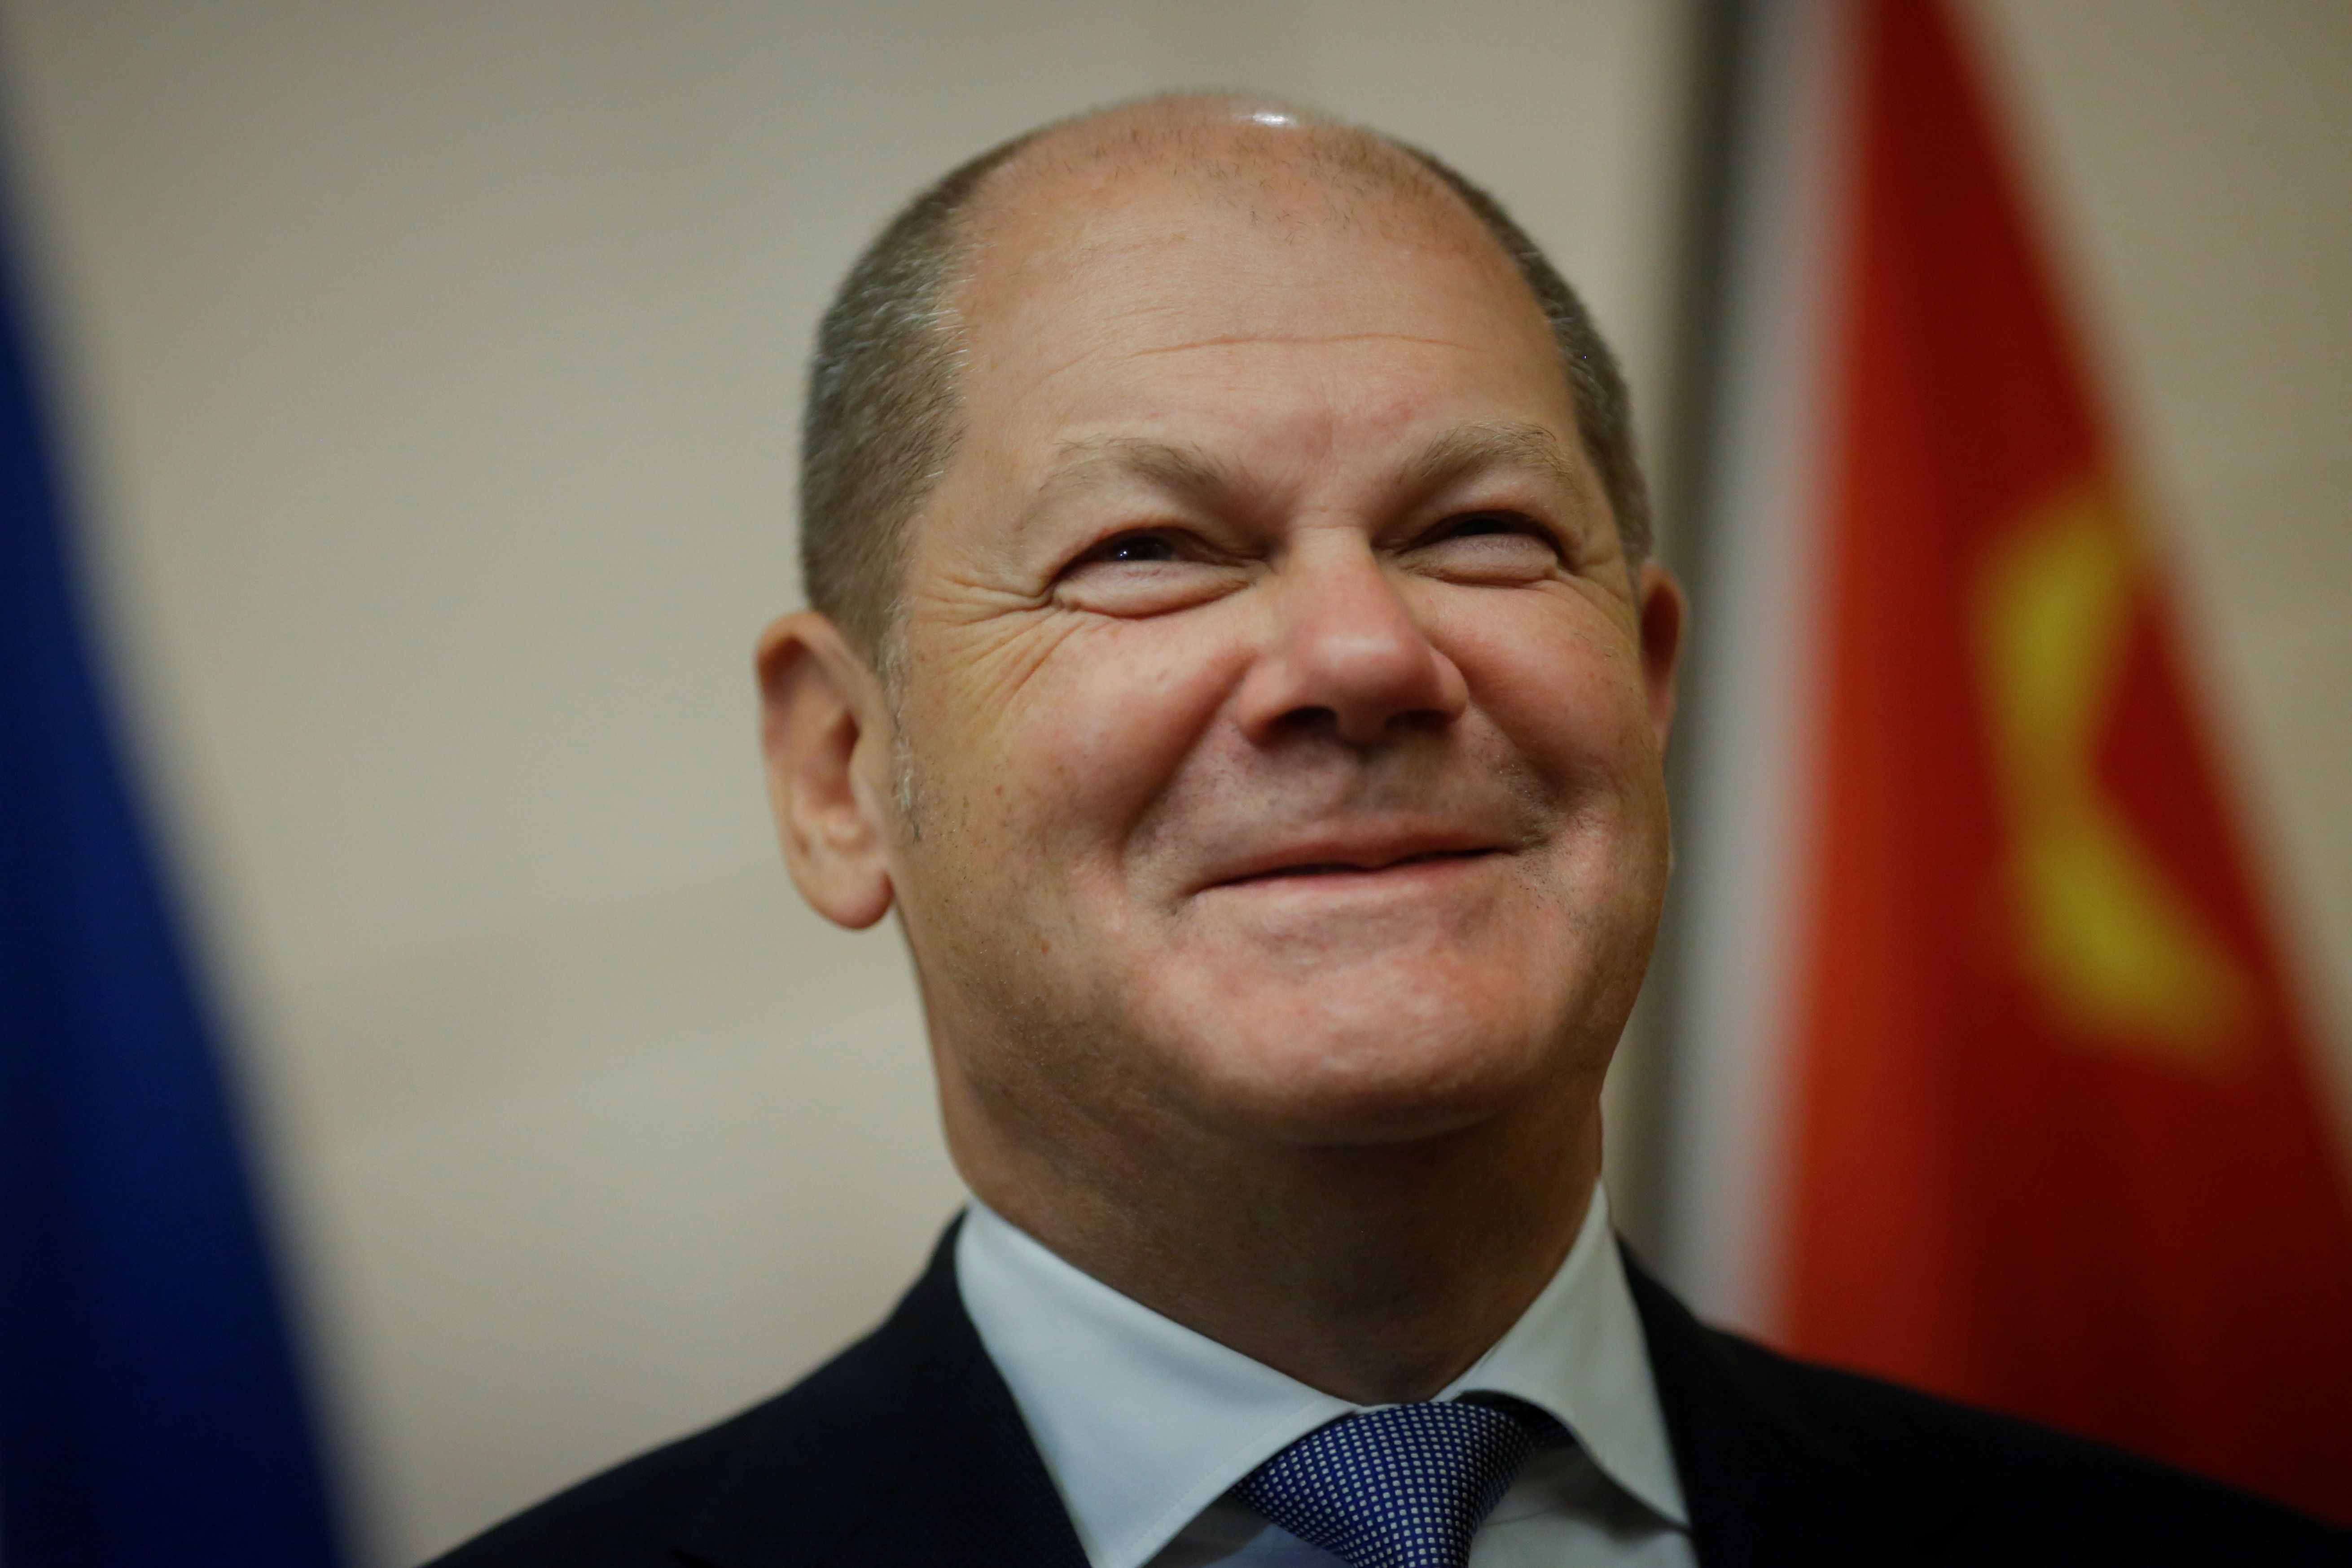 Schwächere Steuereinnahmen: Scholz rechnet mit Finanzlücke von 24,7 Milliarden Euro